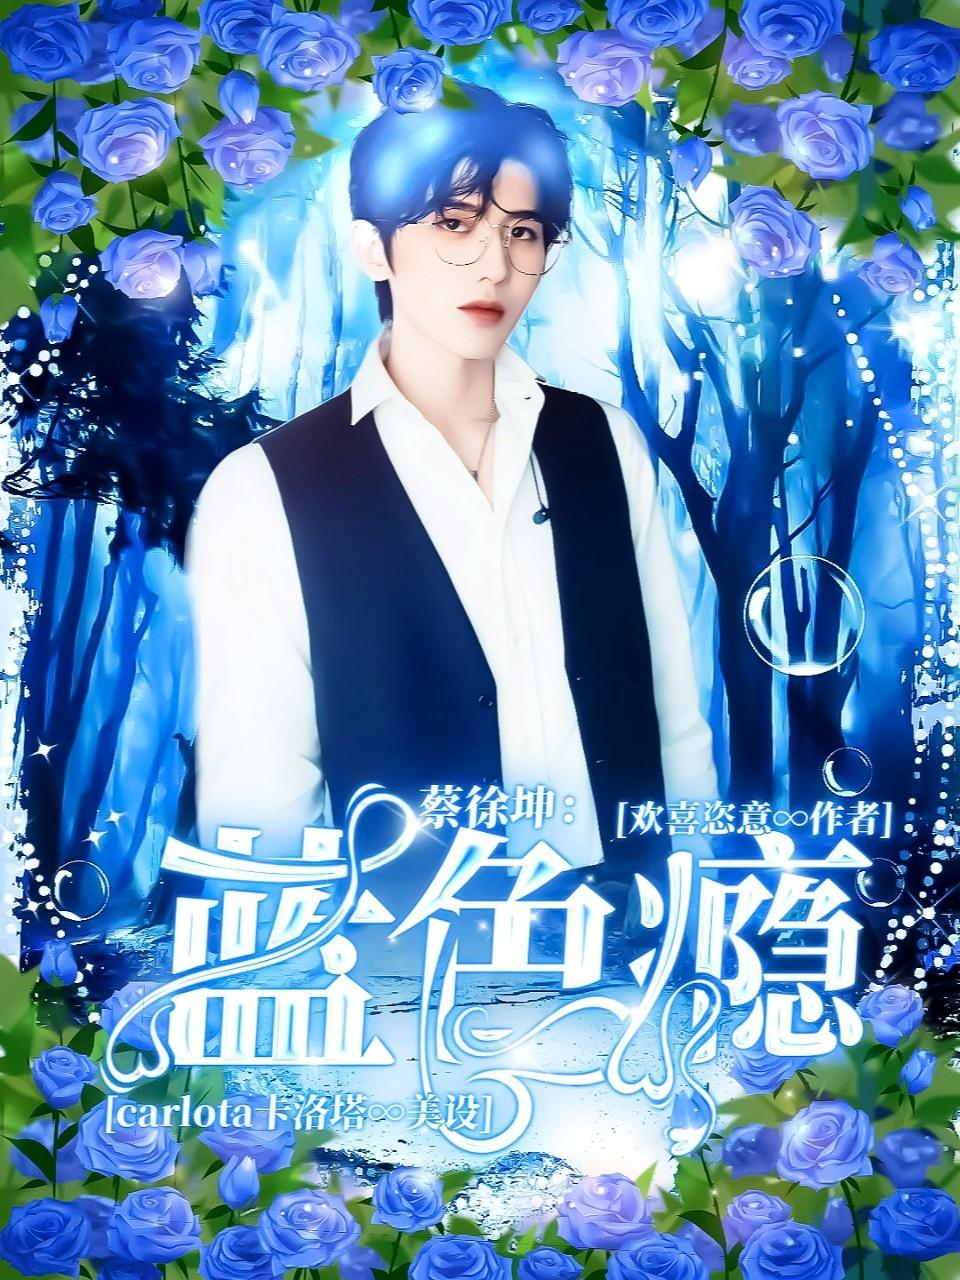 蔡徐坤:蓝色瘾